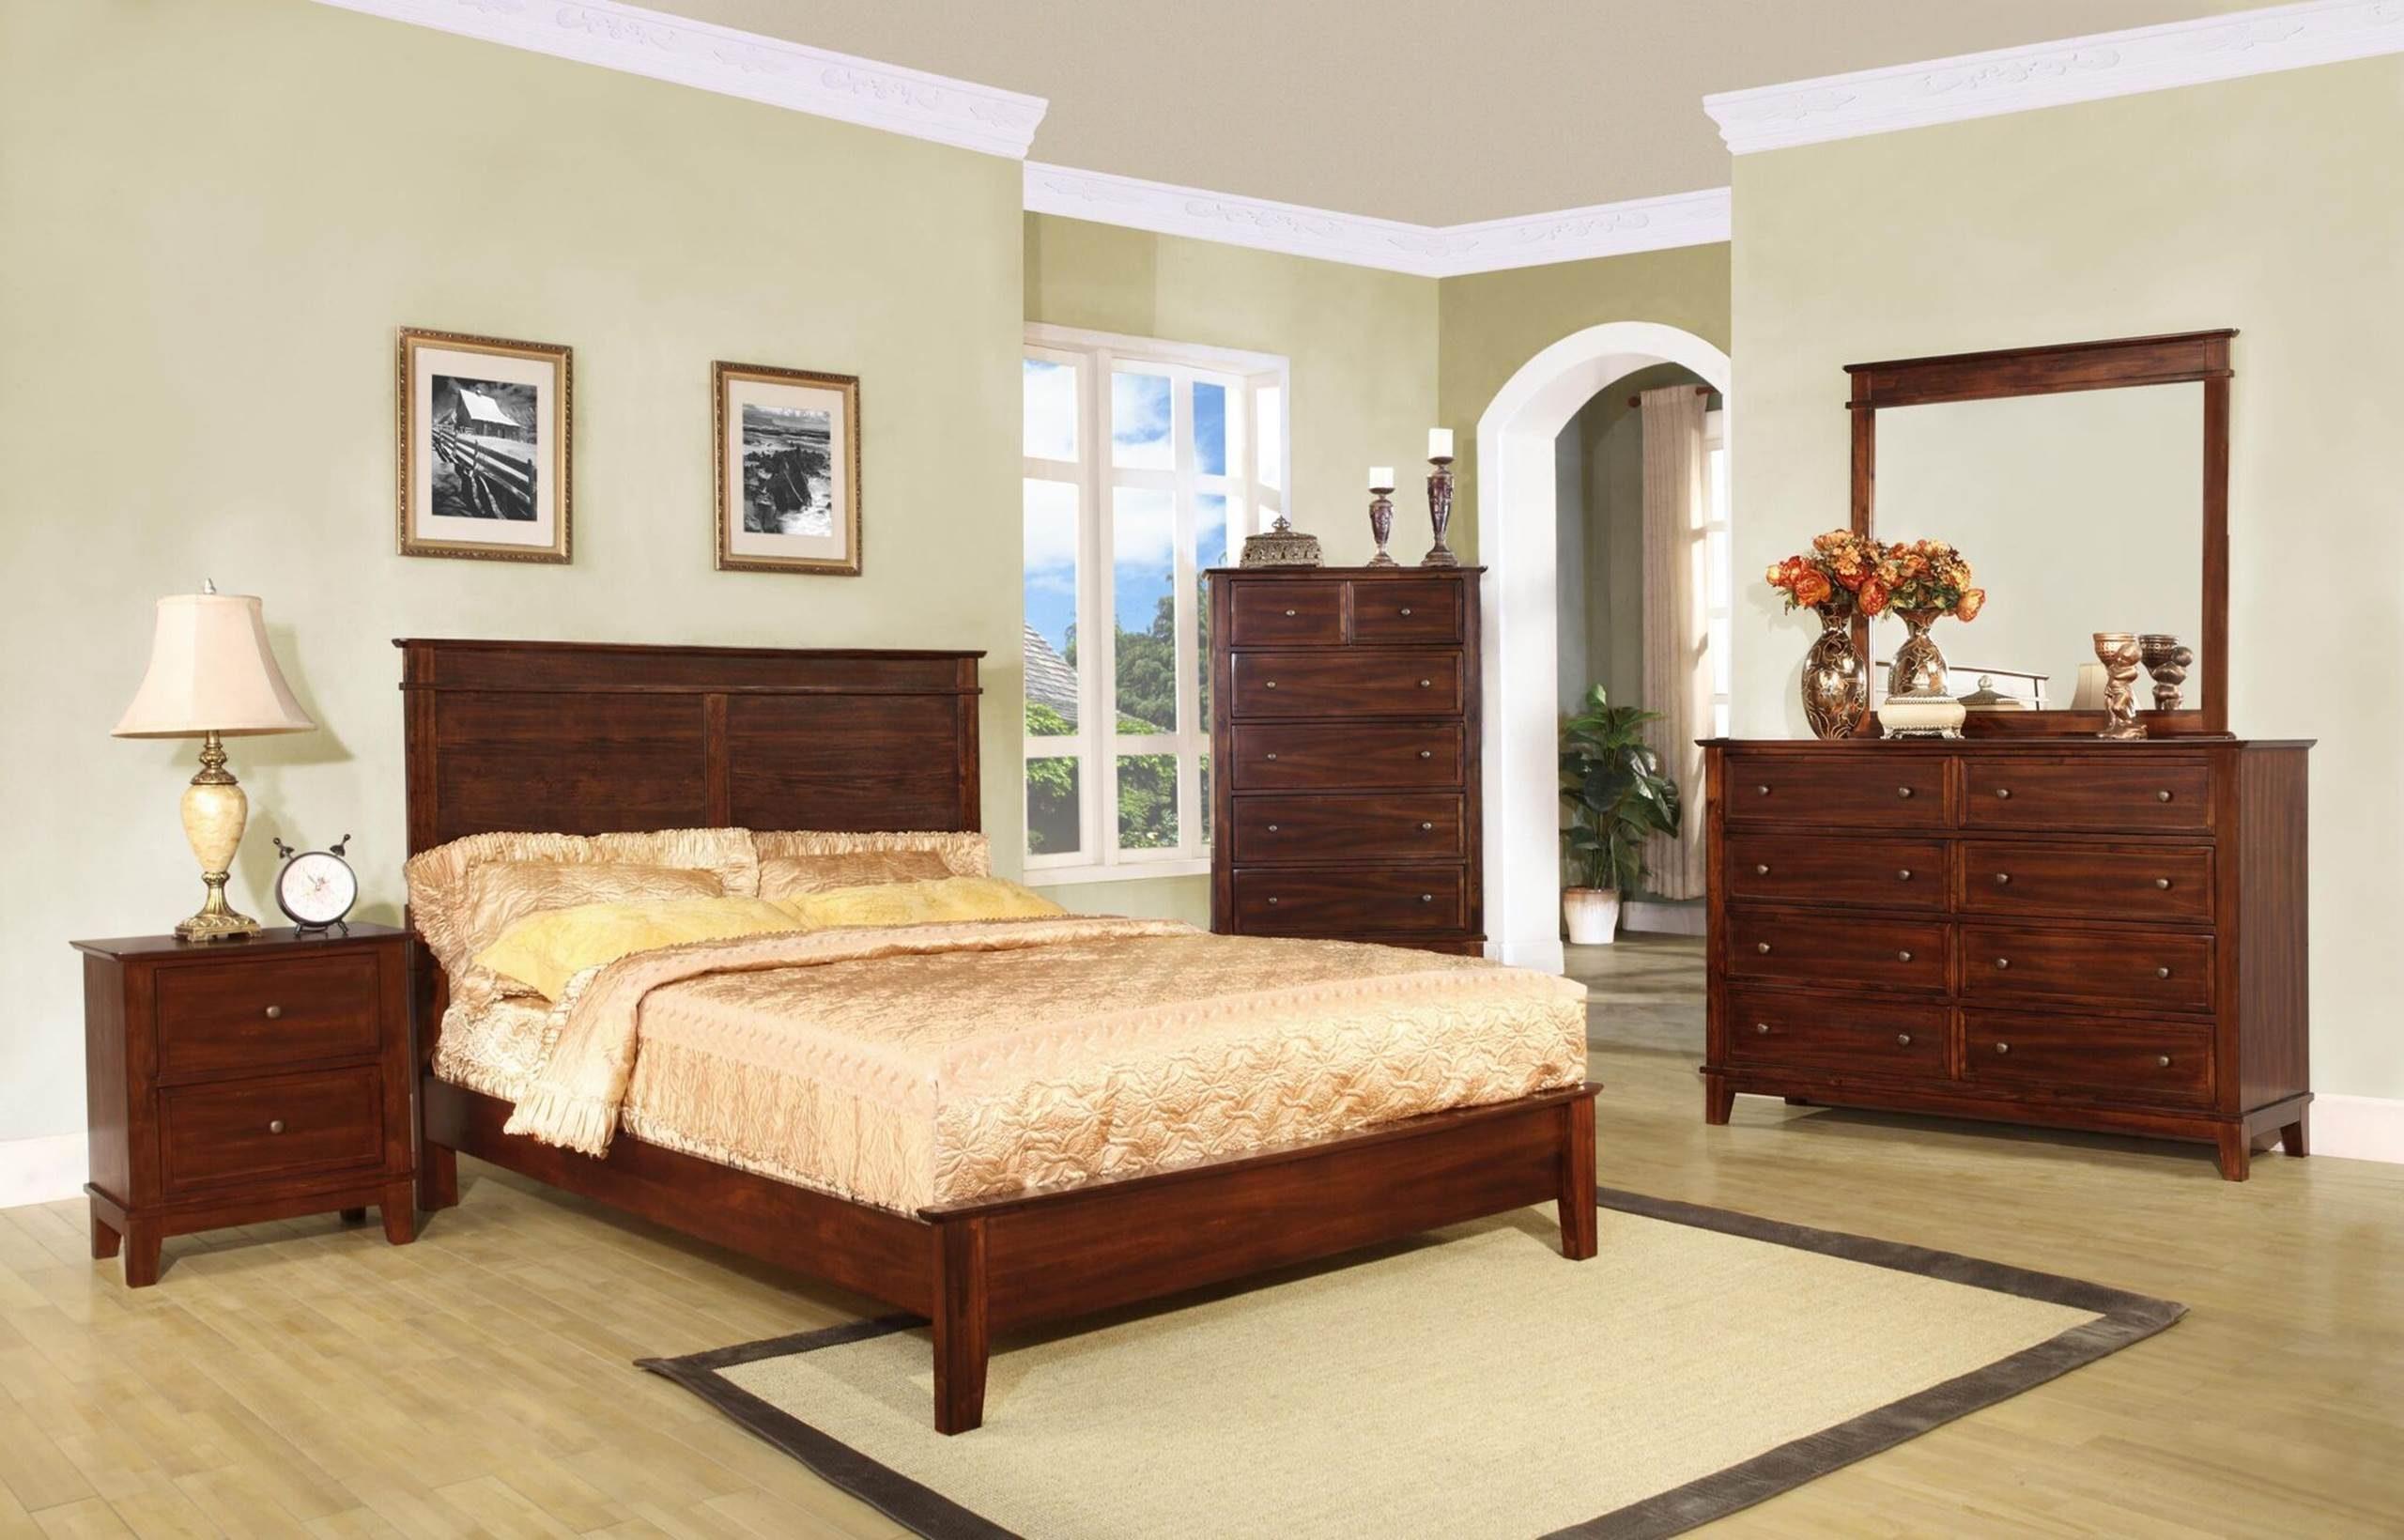 B100 & Brandsource Home Furnishings present Suite Dreams